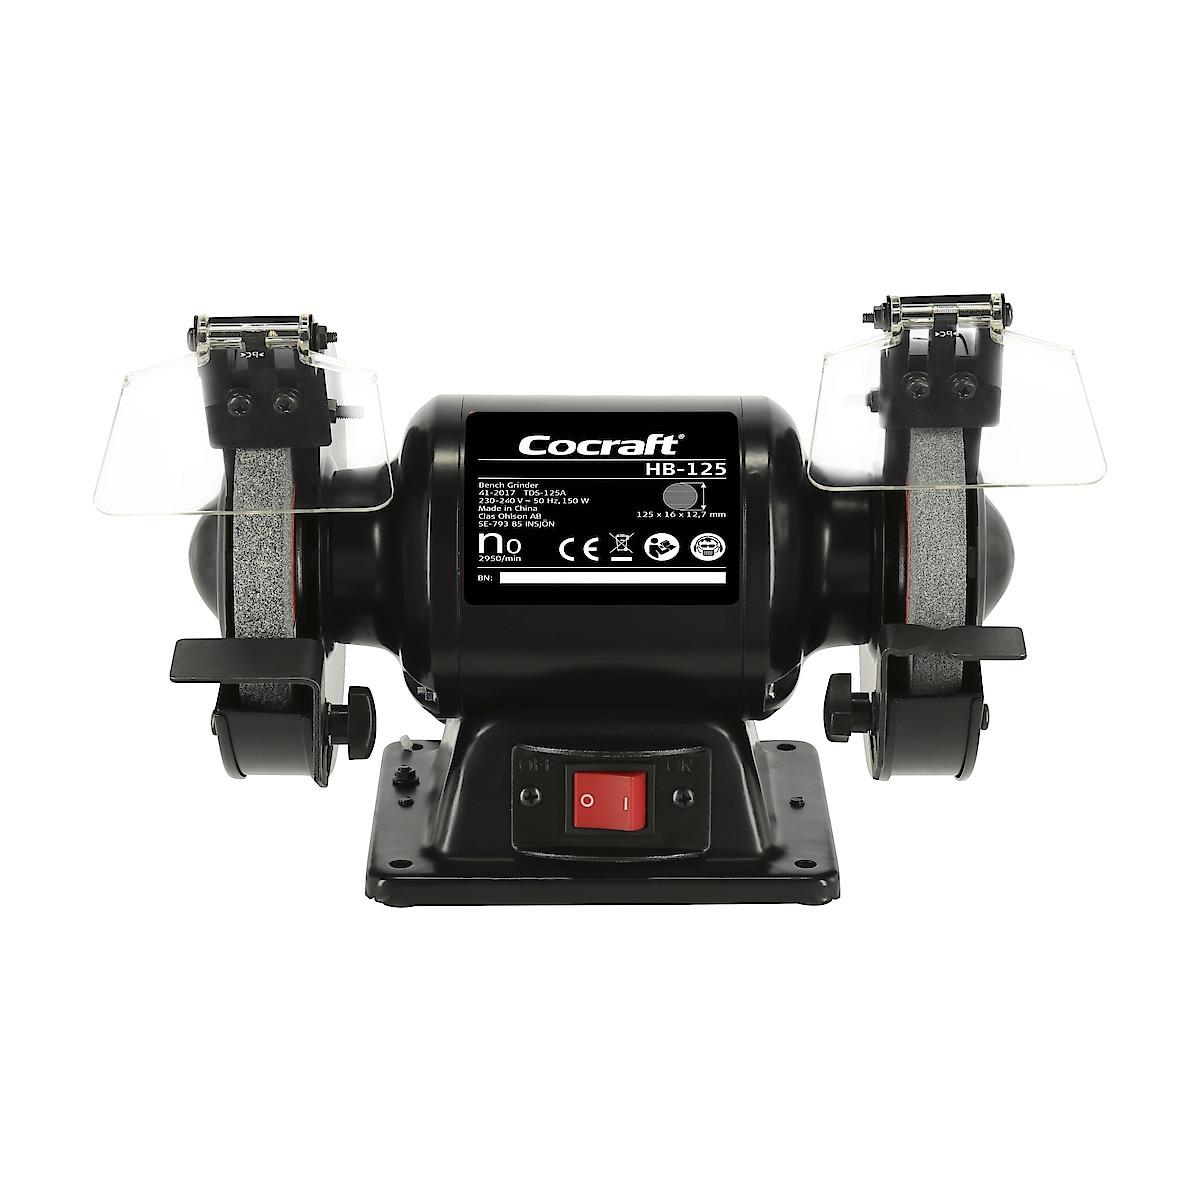 Bänkslipmaskin Cocraft HB-125